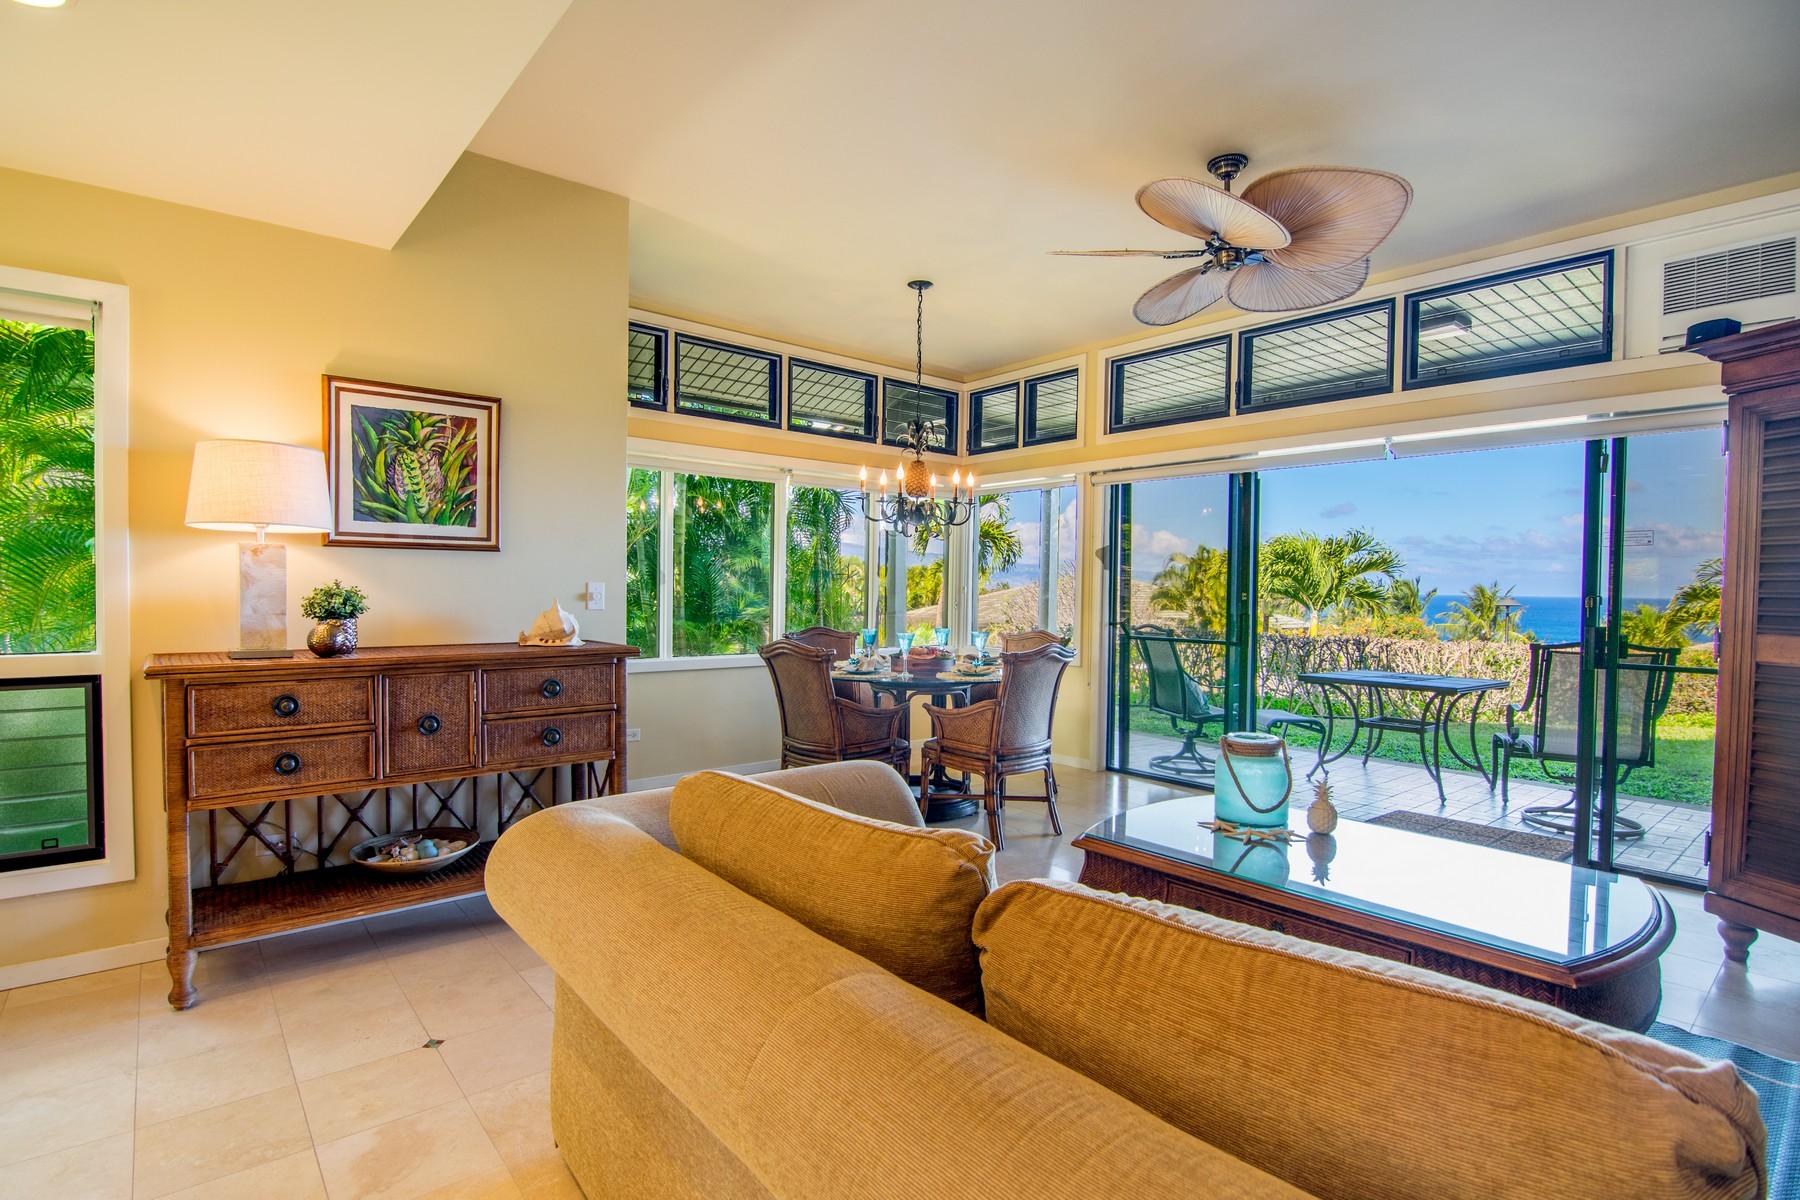 Condominium for Sale at Kapalua Ridge Villa 100 Ridge Road, Kapalua Ridge Villa 311 Kapalua, Hawaii, 96761 United States